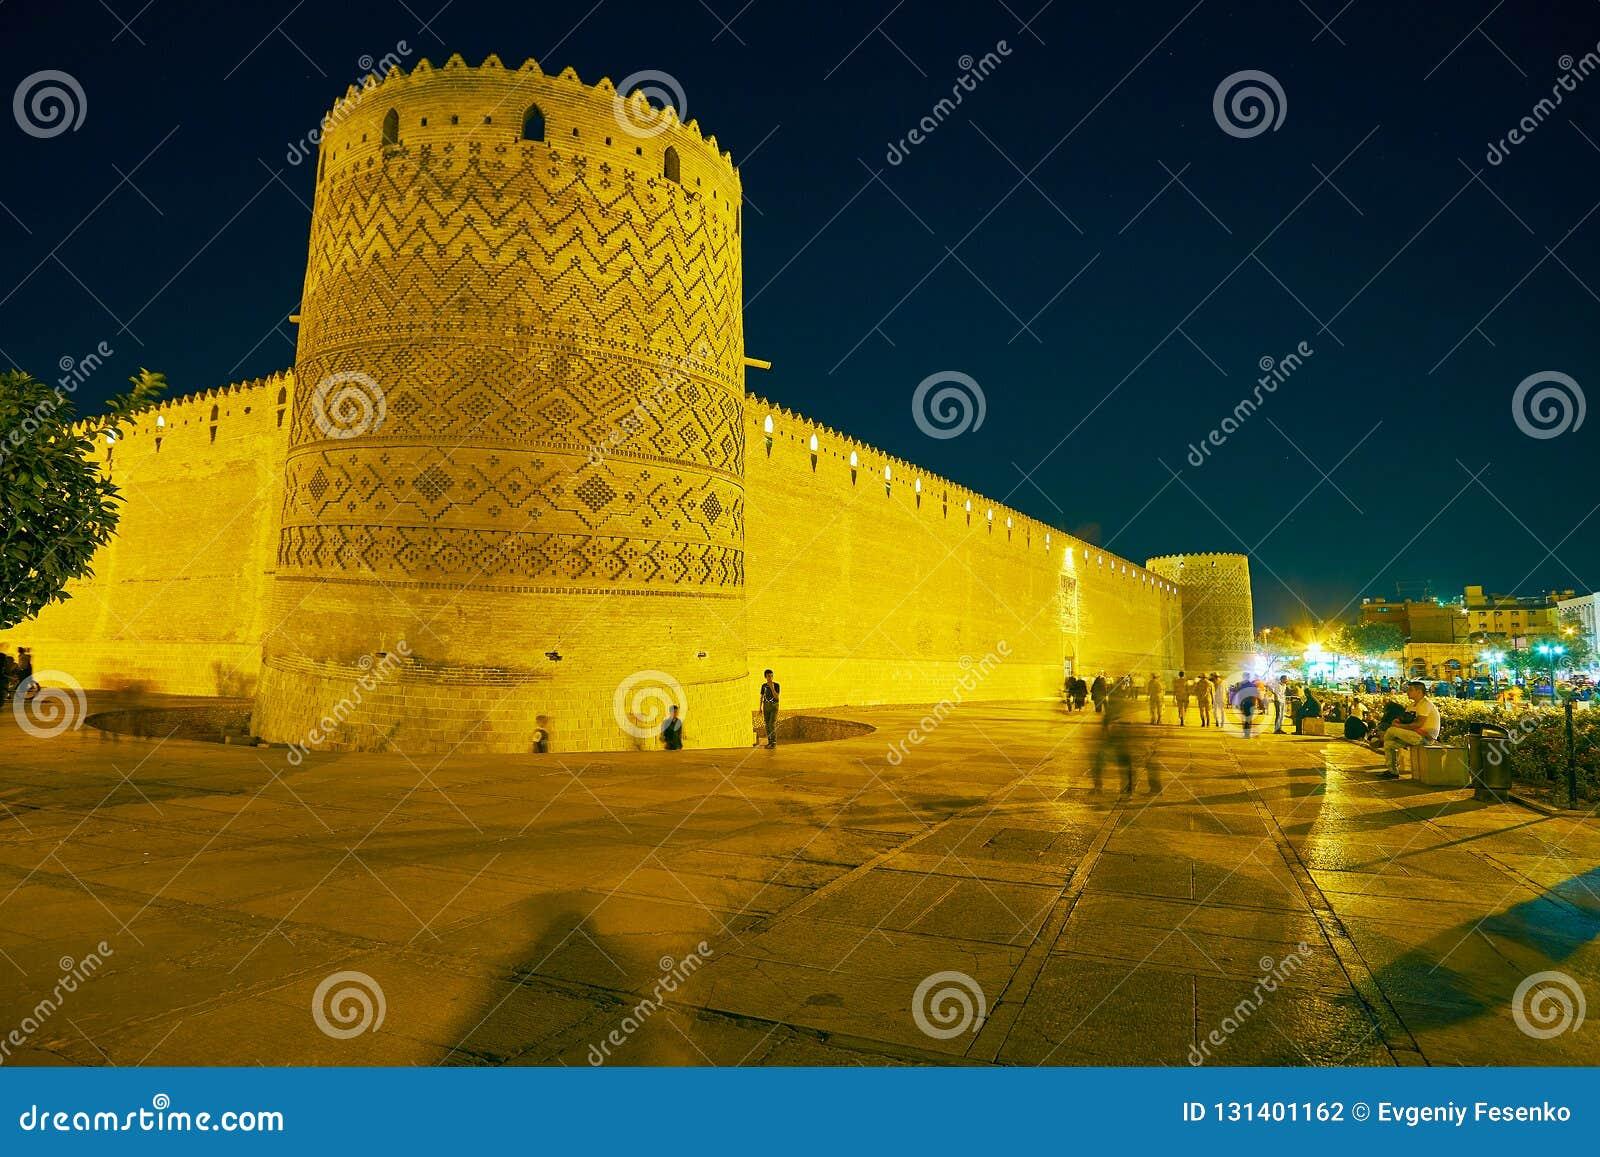 SHIRAZ, IRAN - OKTOBER 14, 2017: Geniet van middeleeuws Karim Khan Citadel in heldere die avondverlichting, door prettige tuinen